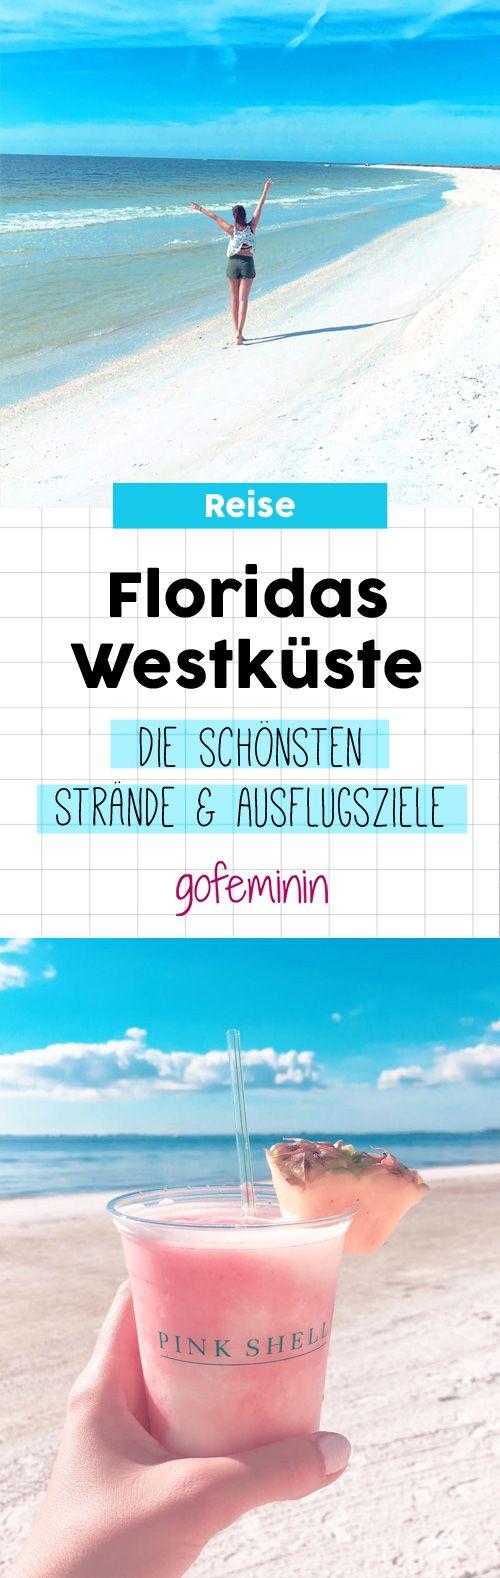 Floridas Westkuste Insider Tipps Fur Die Schonsten Strande Der